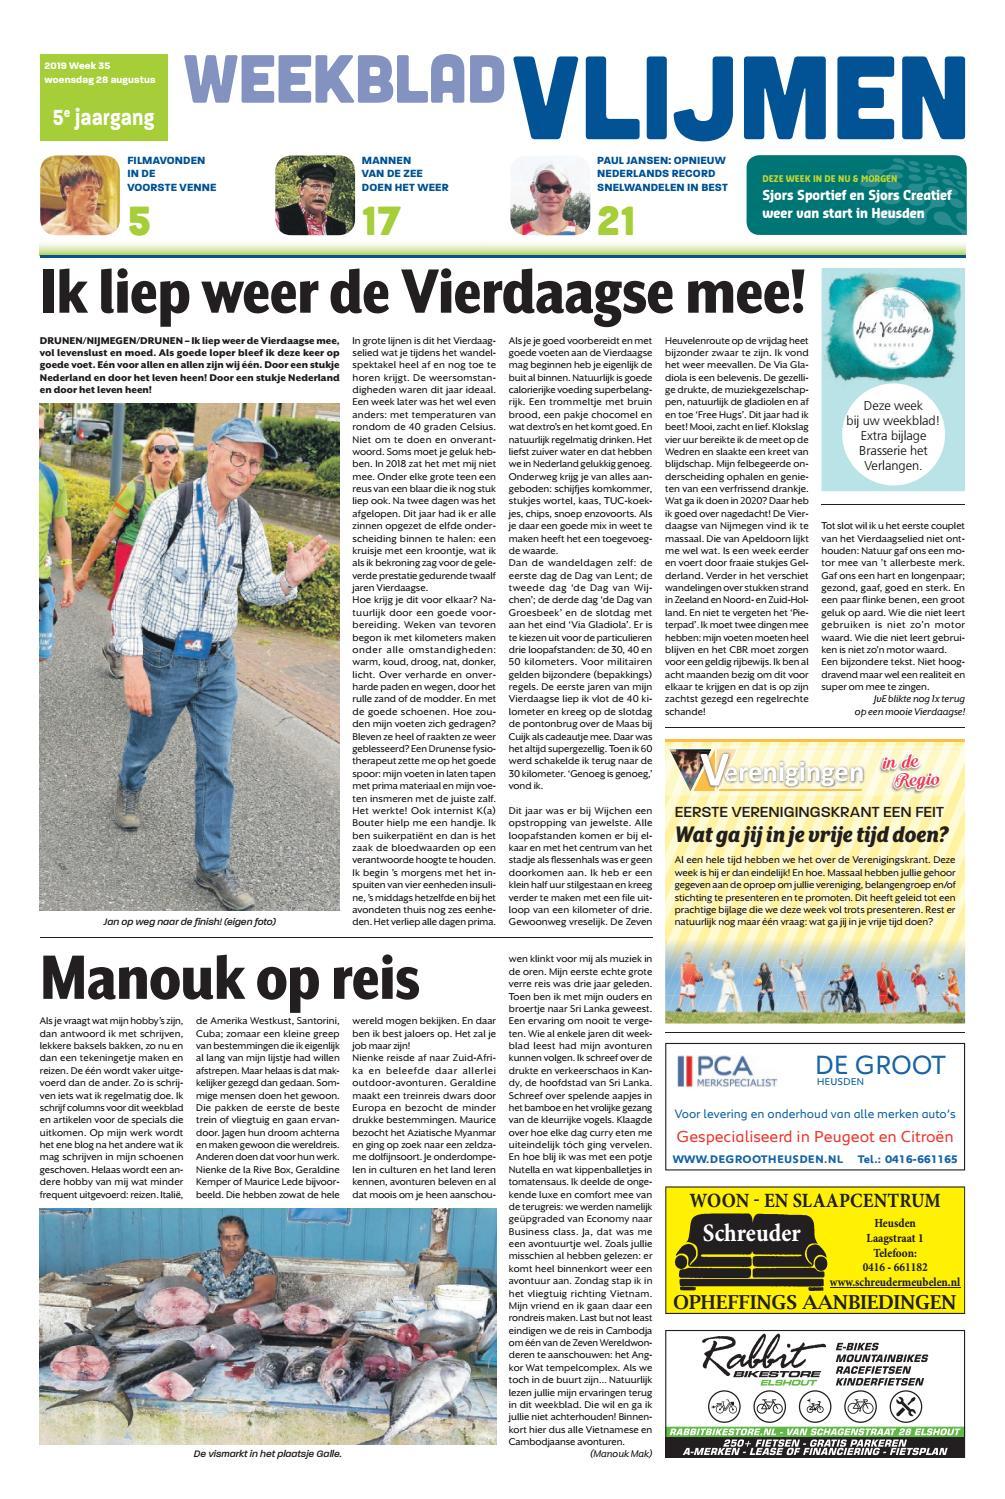 Weekblad Vlijmen 28 08 2019 By Uitgeverij Em De Jong Issuu